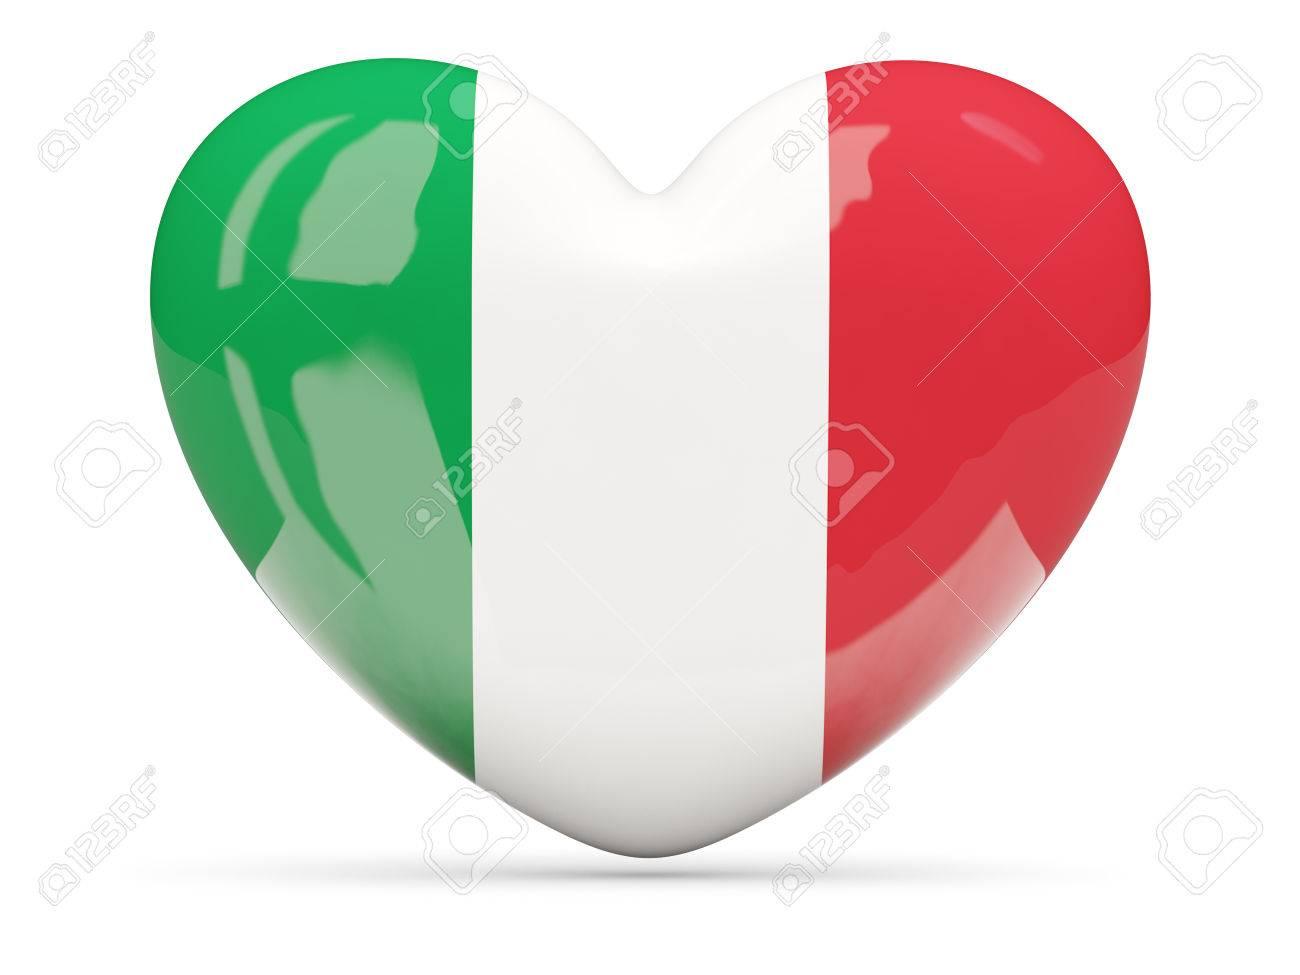 coeur icone en forme de drapeau de l italie isole sur blanc